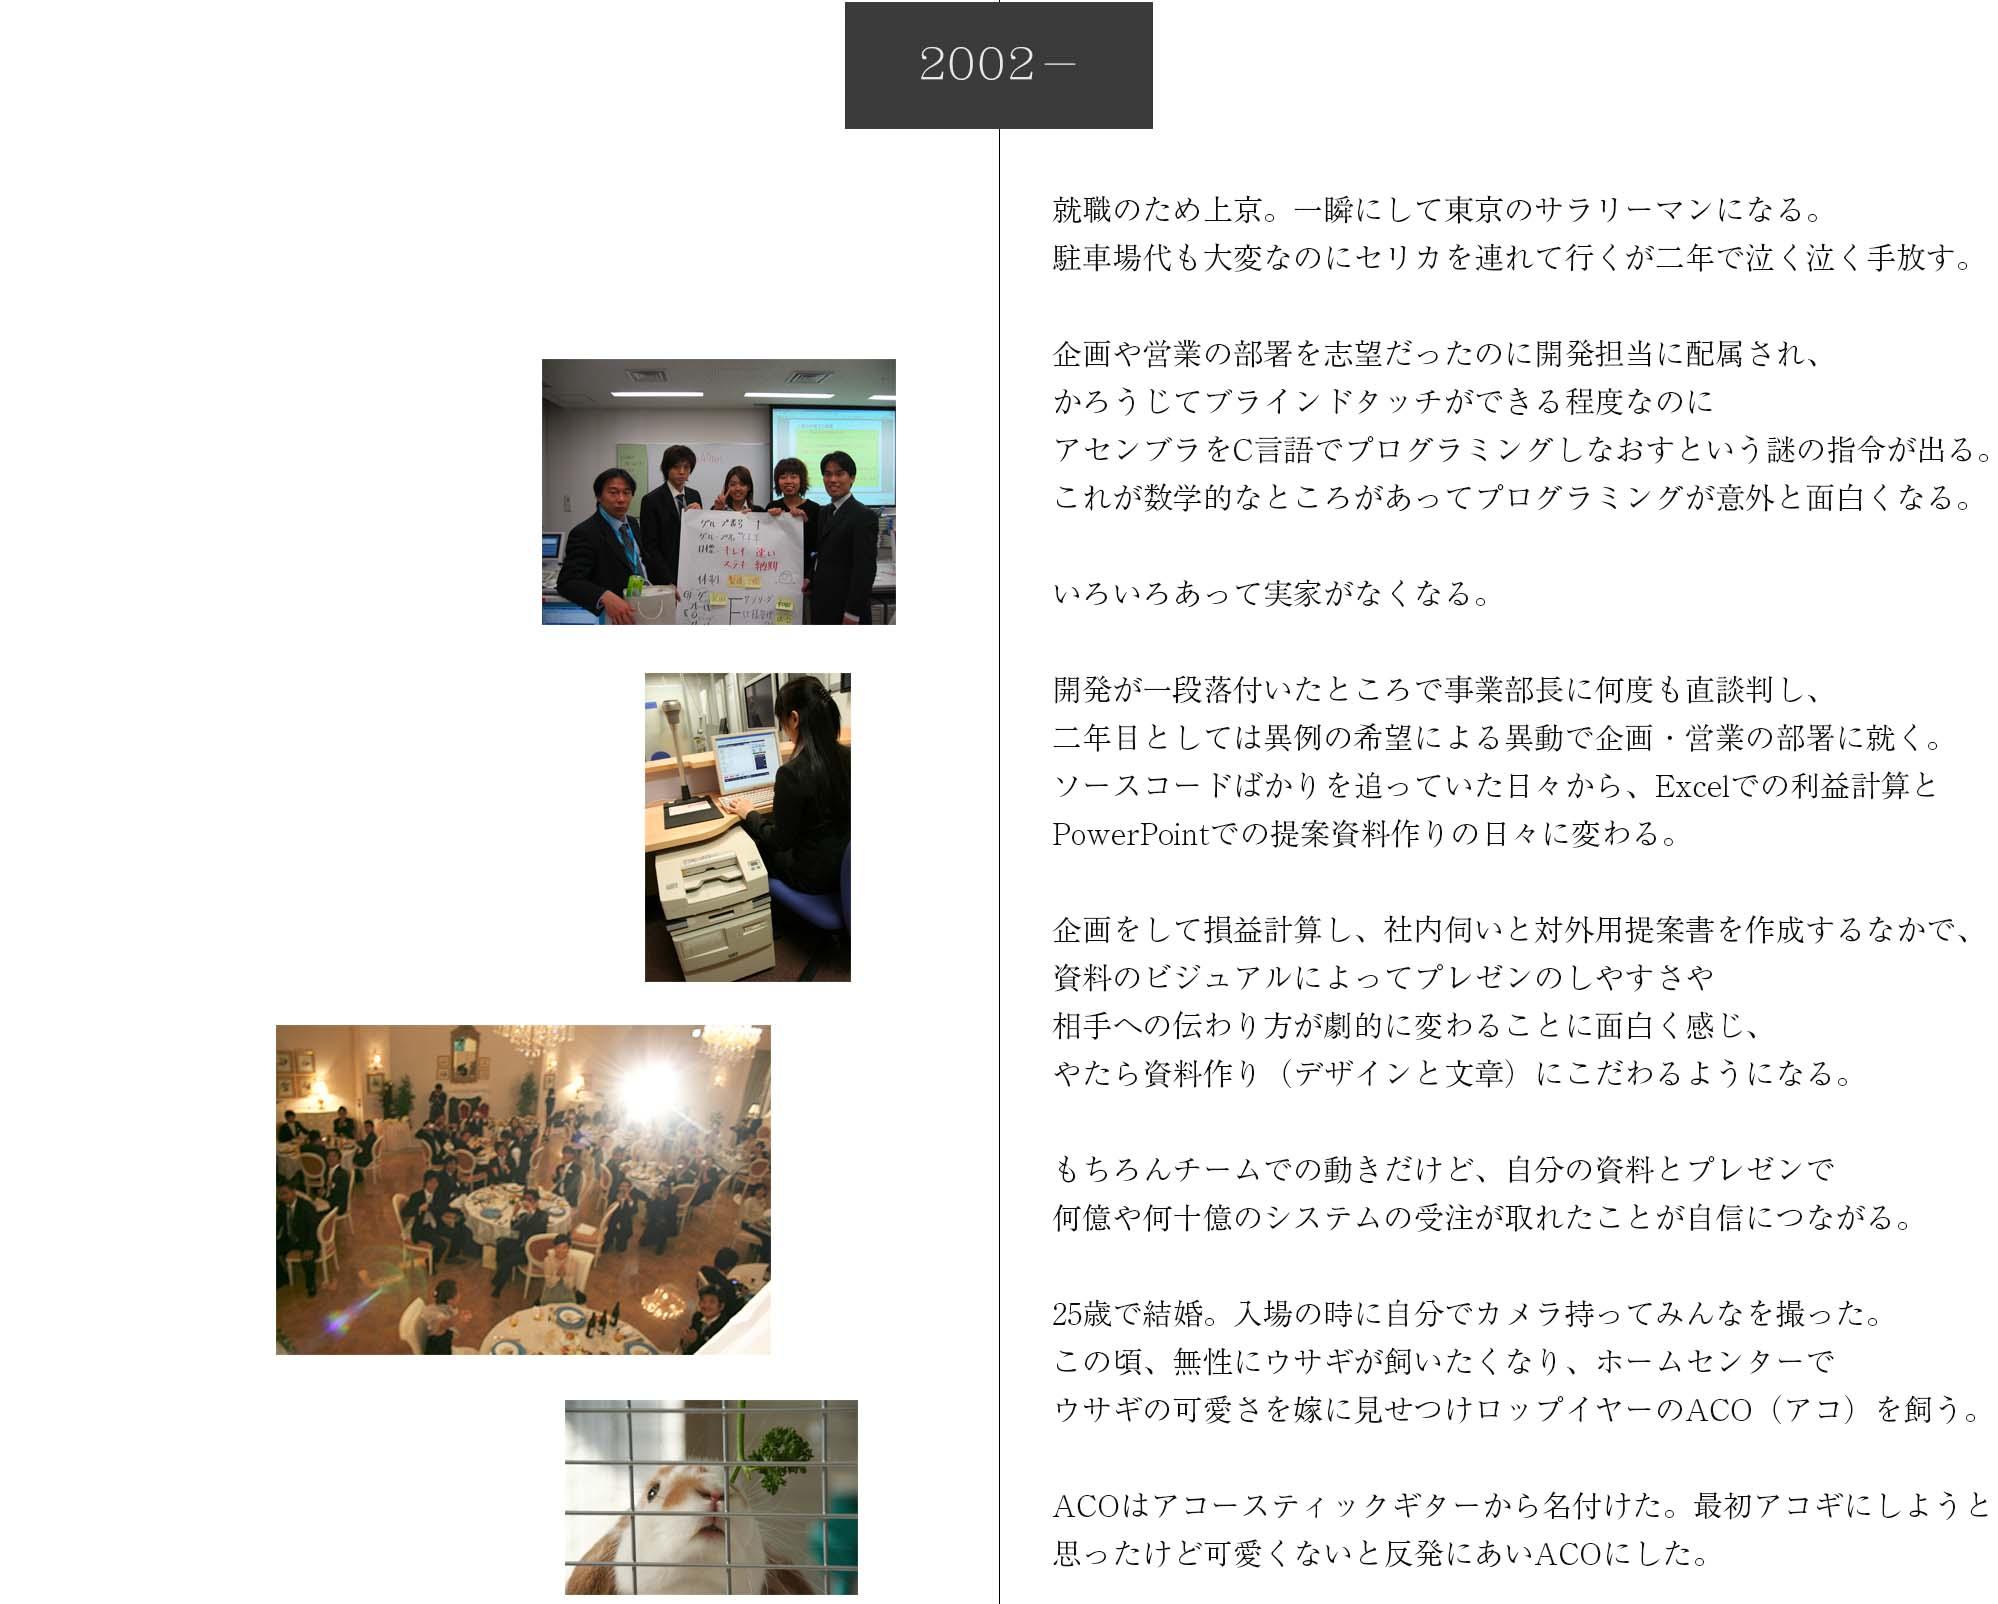 20131228_佐治秀保史_05